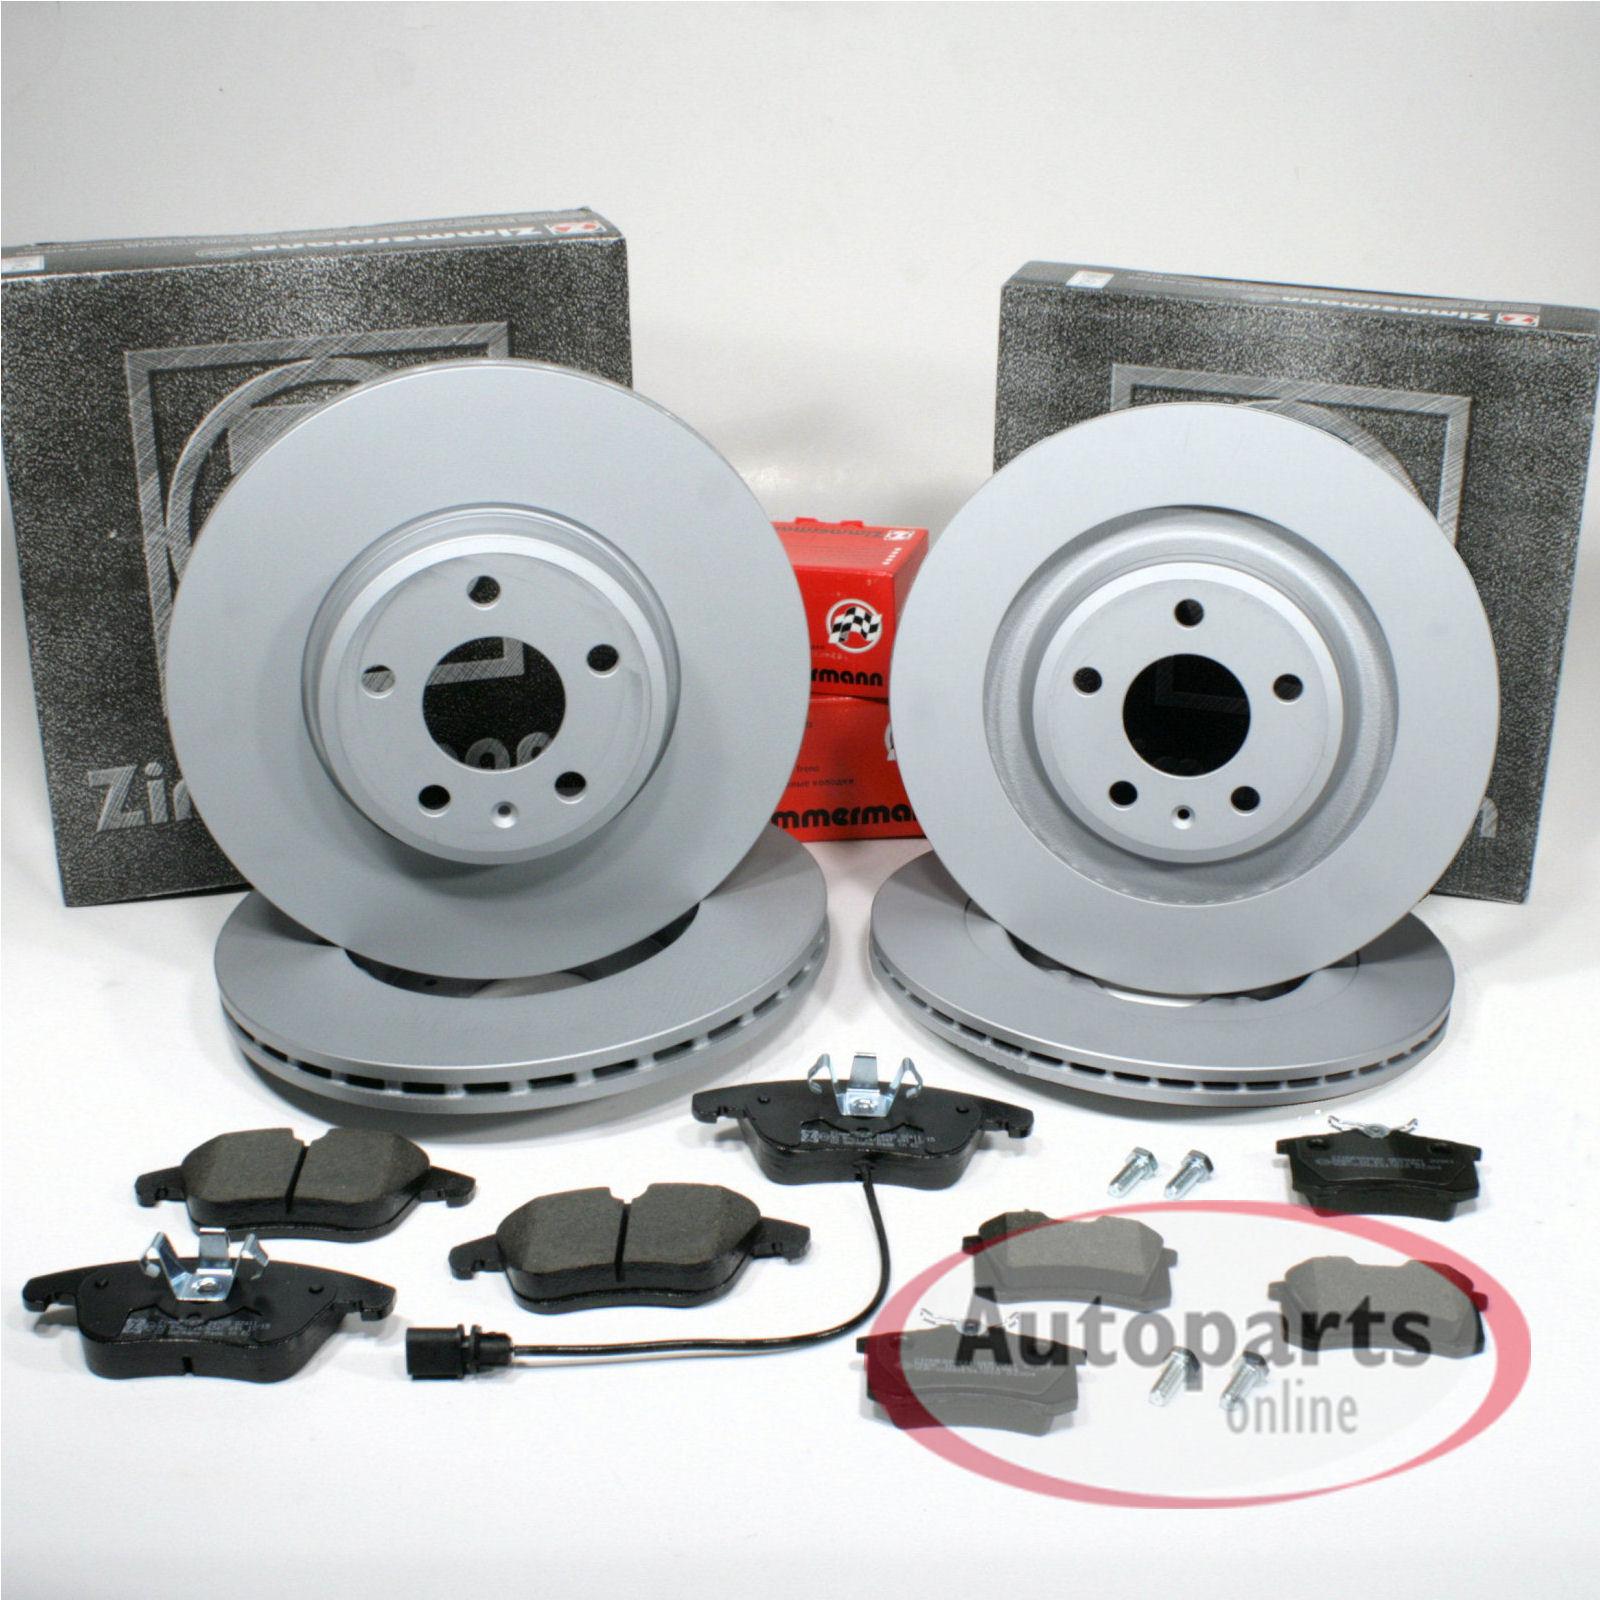 Bremsbel/äge Bremsscheiben Bremsen hinten Handbremsbacken Zubeh/ör f/ür vorne